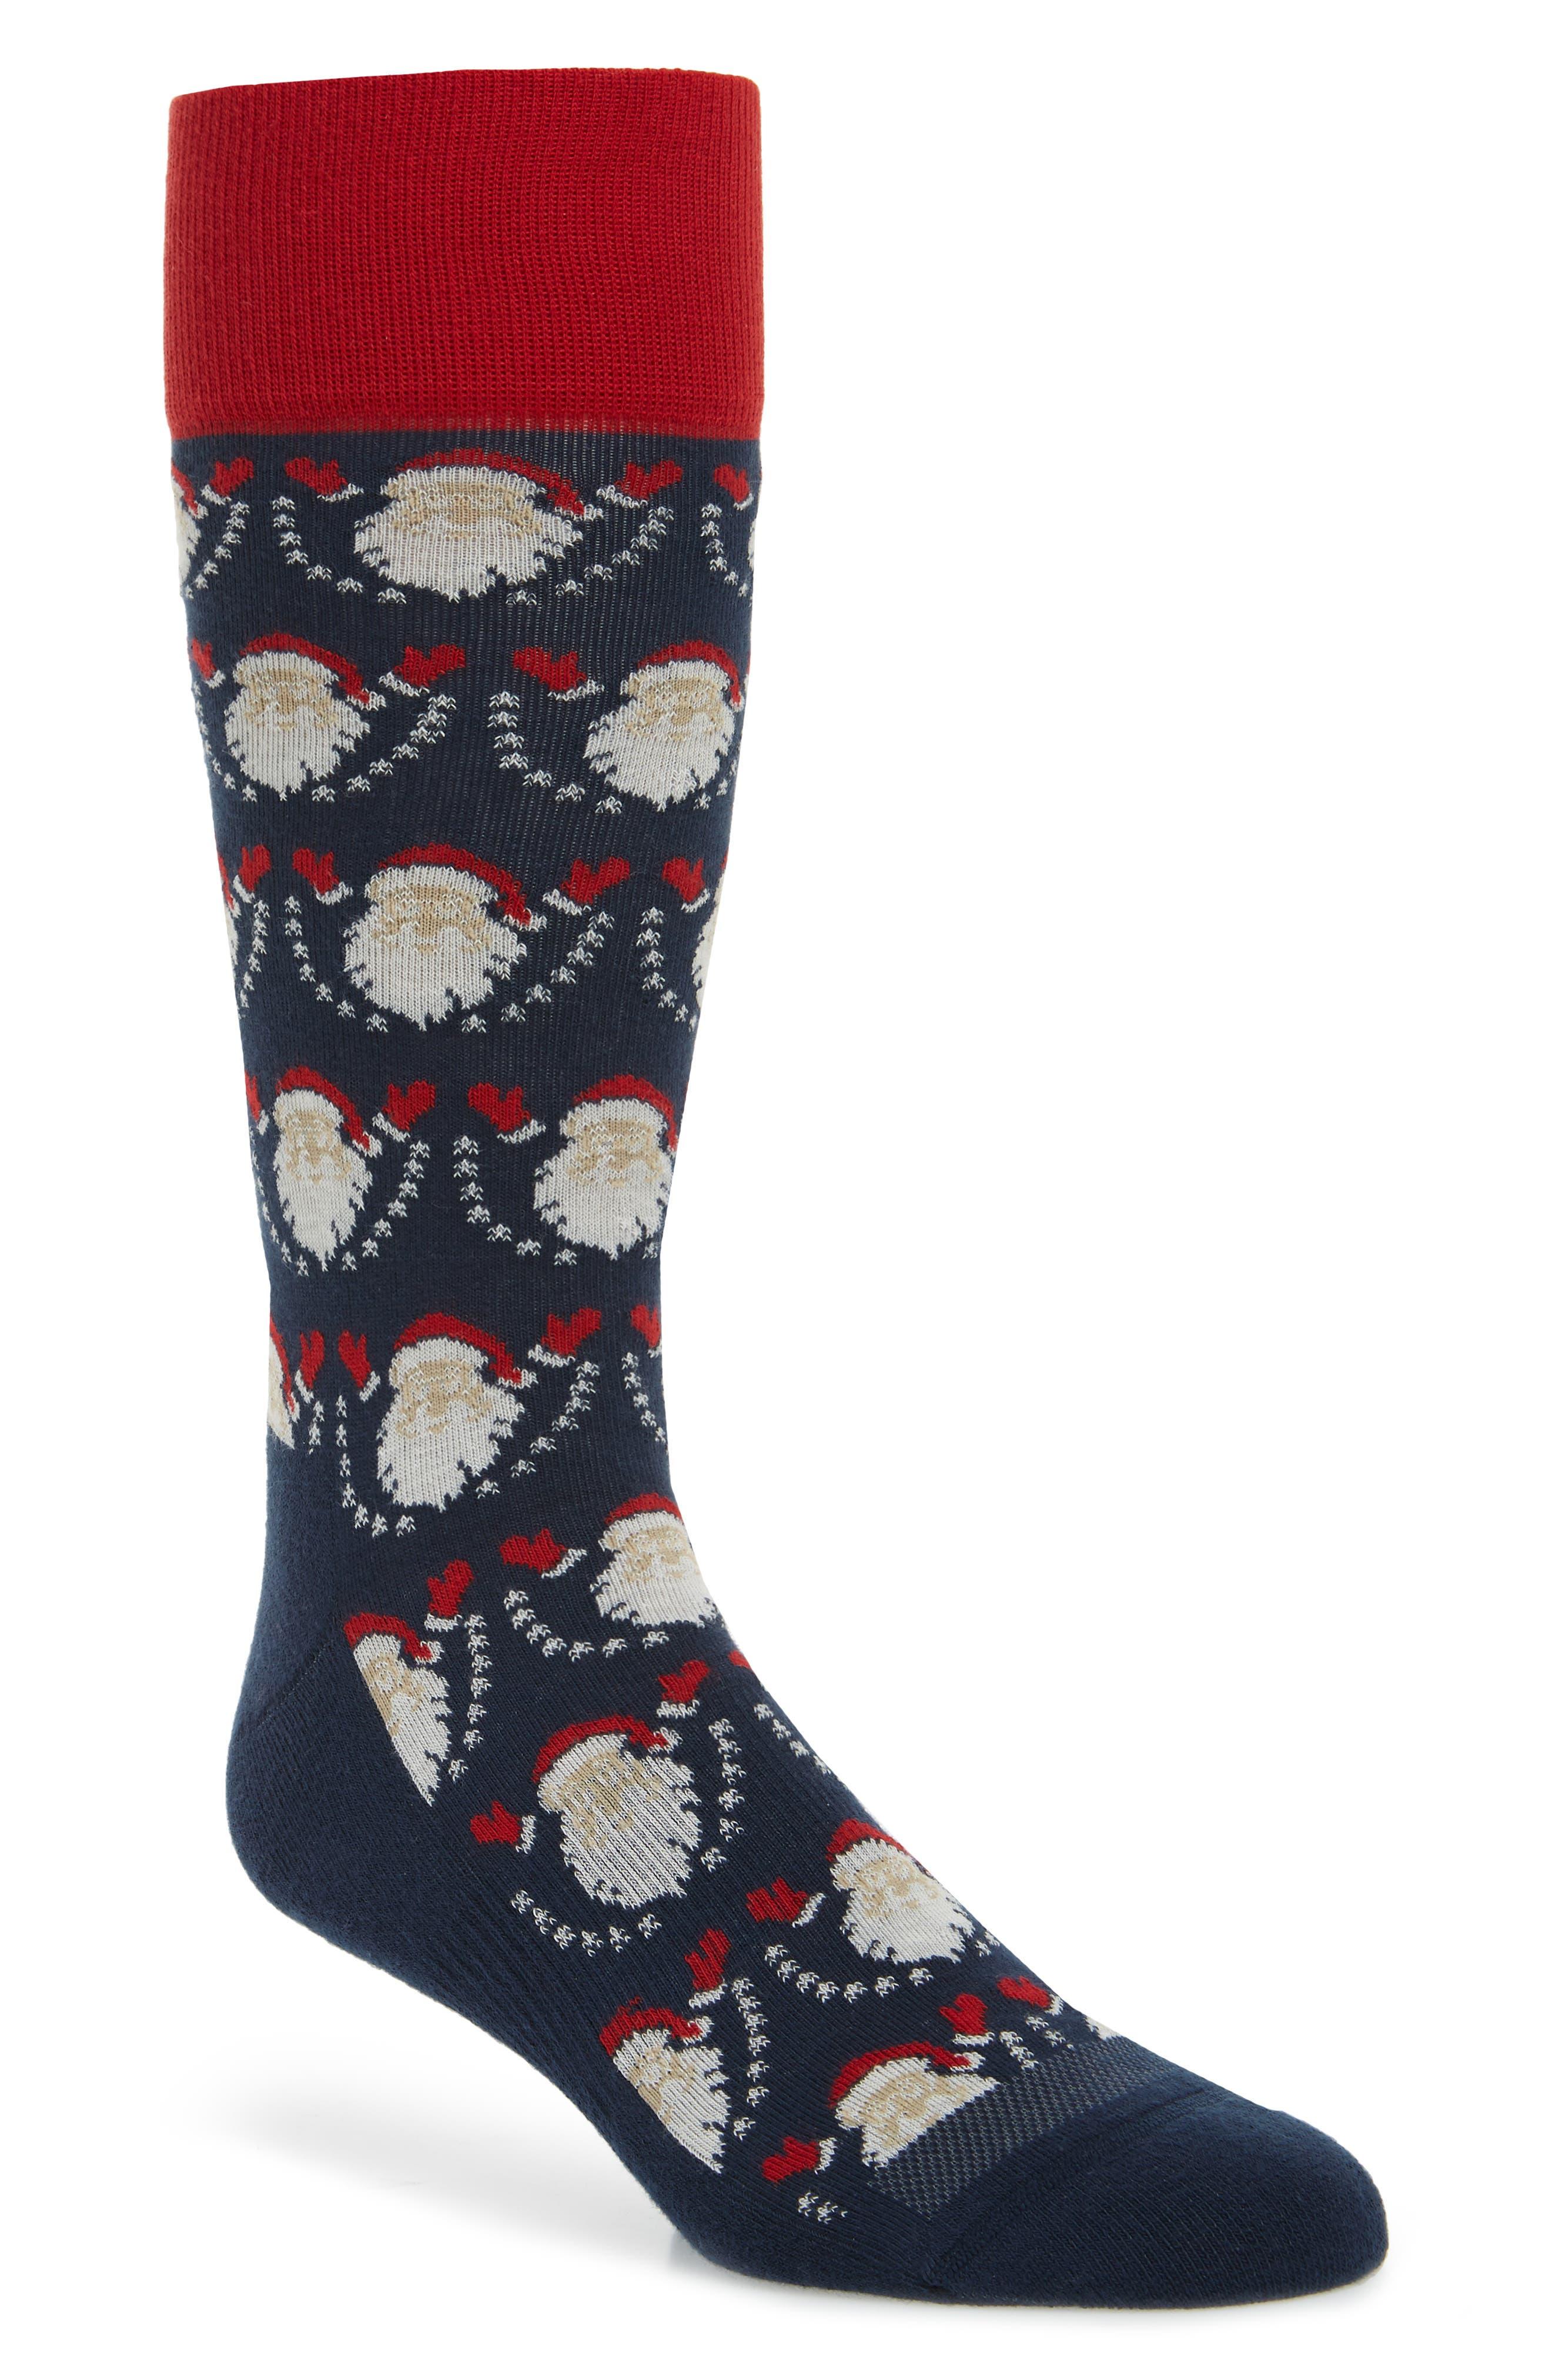 Holiday Pop-Up Santa Socks,                             Main thumbnail 1, color,                             410